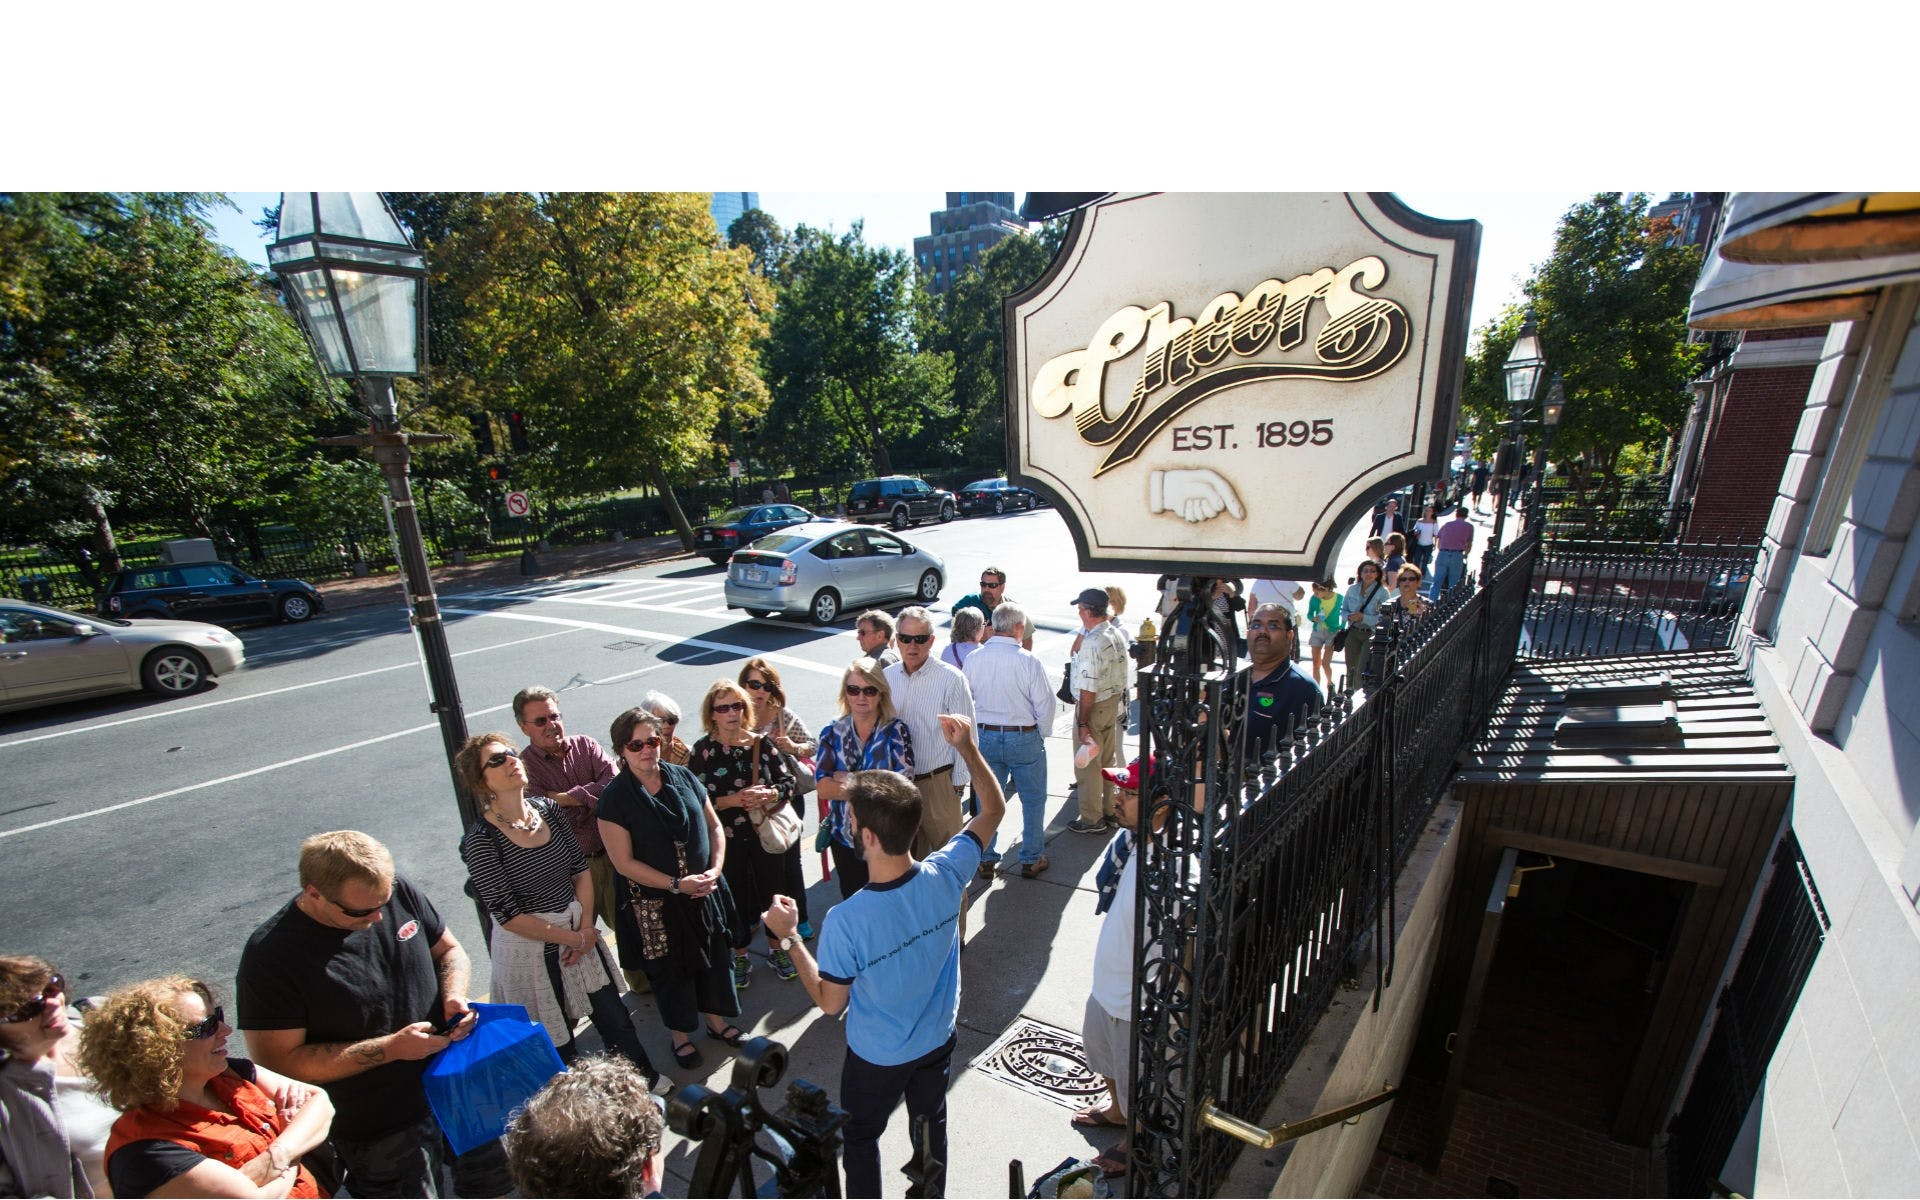 Ver la ciudad,Ver la ciudad,Tours andando,Tours temáticos,Tour por Harvard,Tour por la Boston Movie Mile